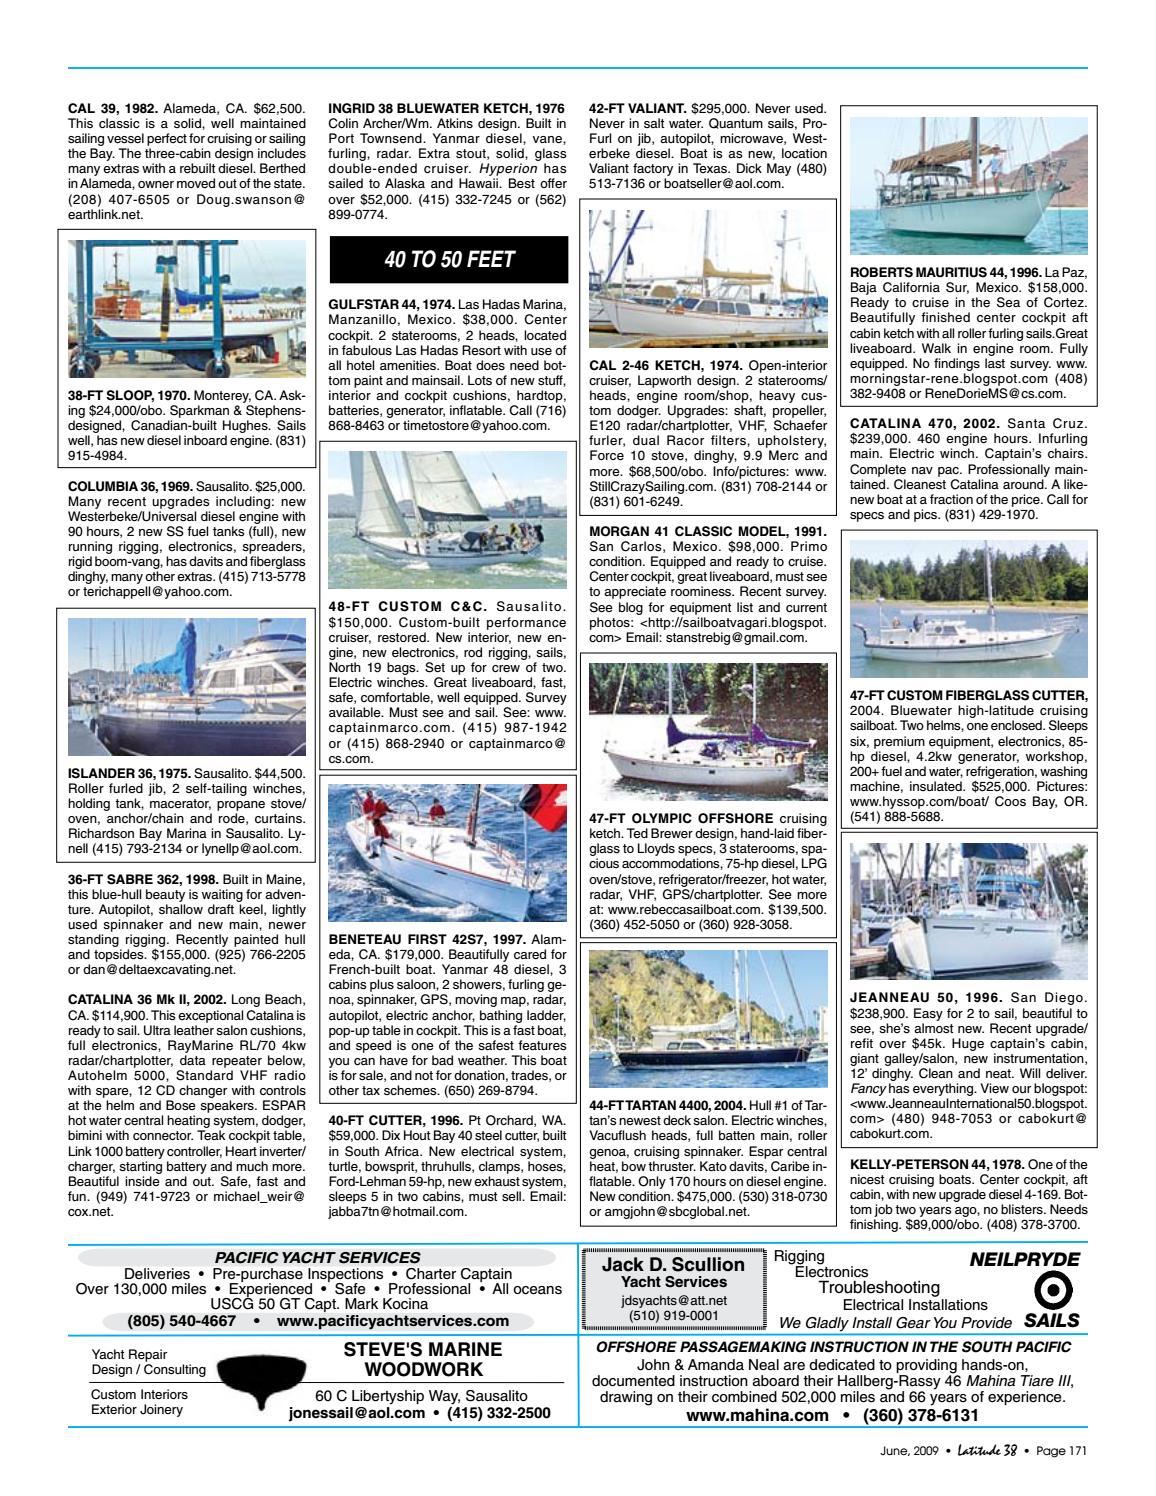 Latitude 38 June 2009 by Latitude 38 Media, LLC - issuu